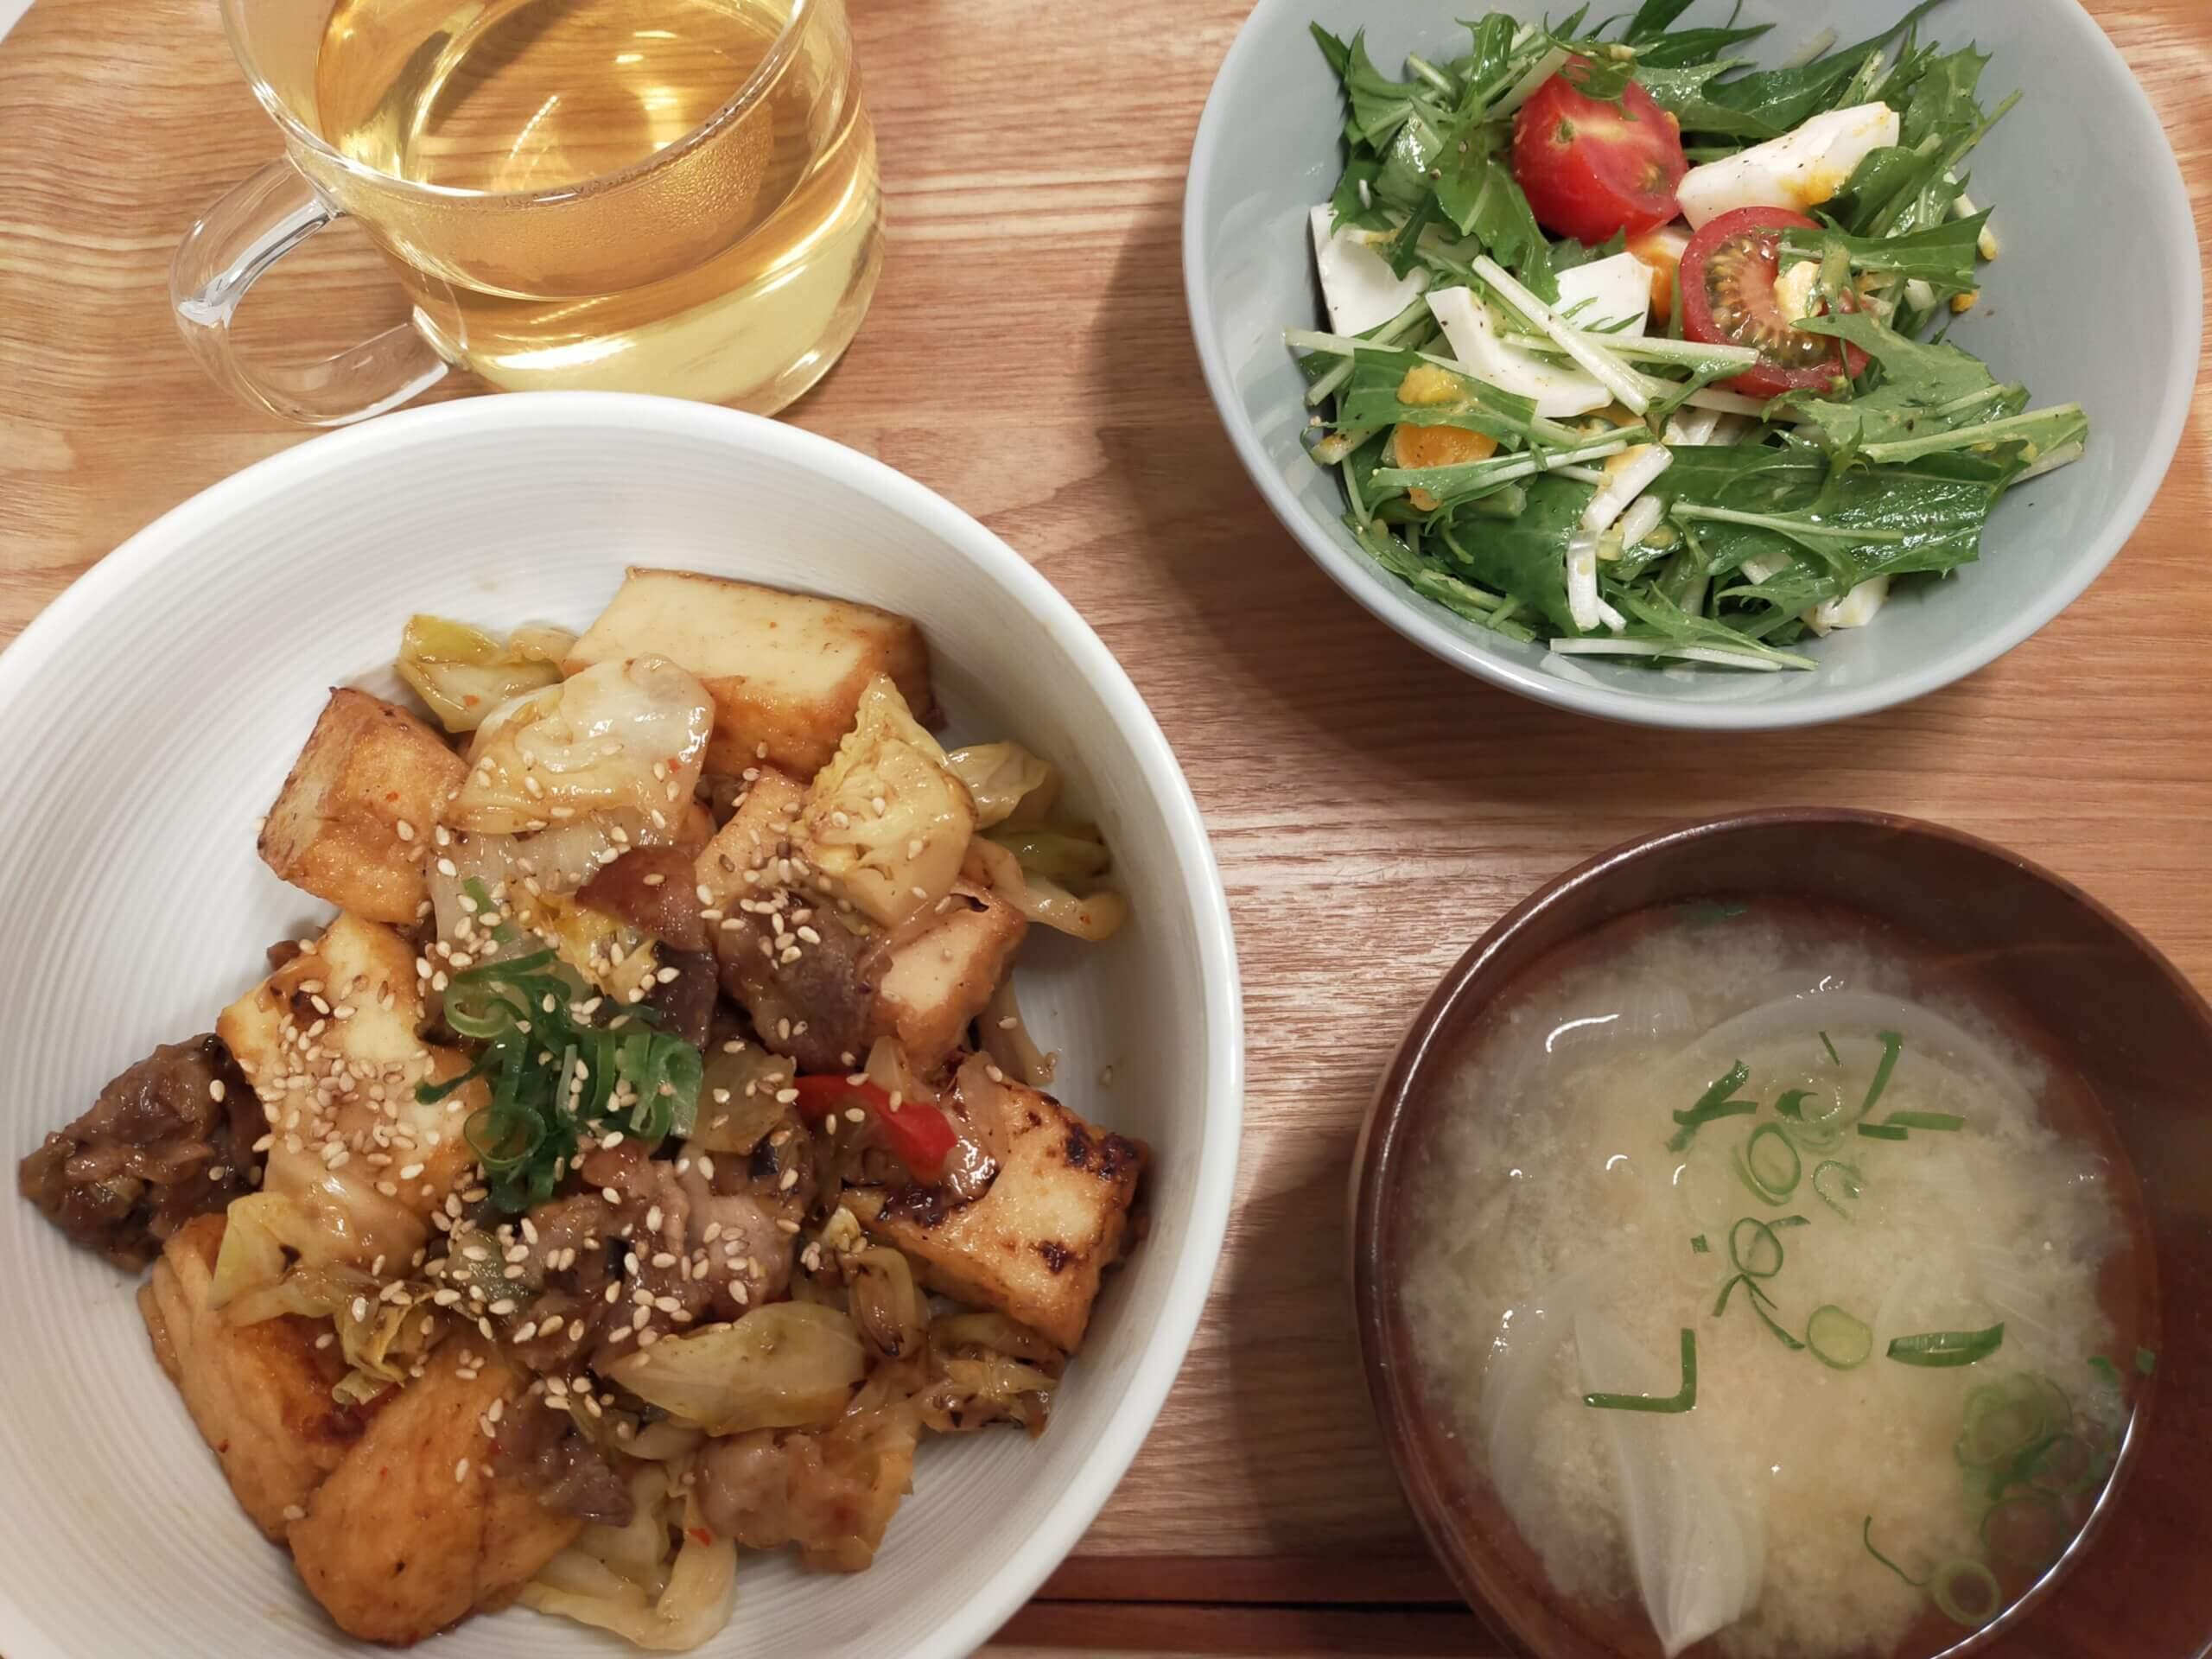 冷凍たこ焼き/リメイク丼/MOW 甘熟いちご練乳